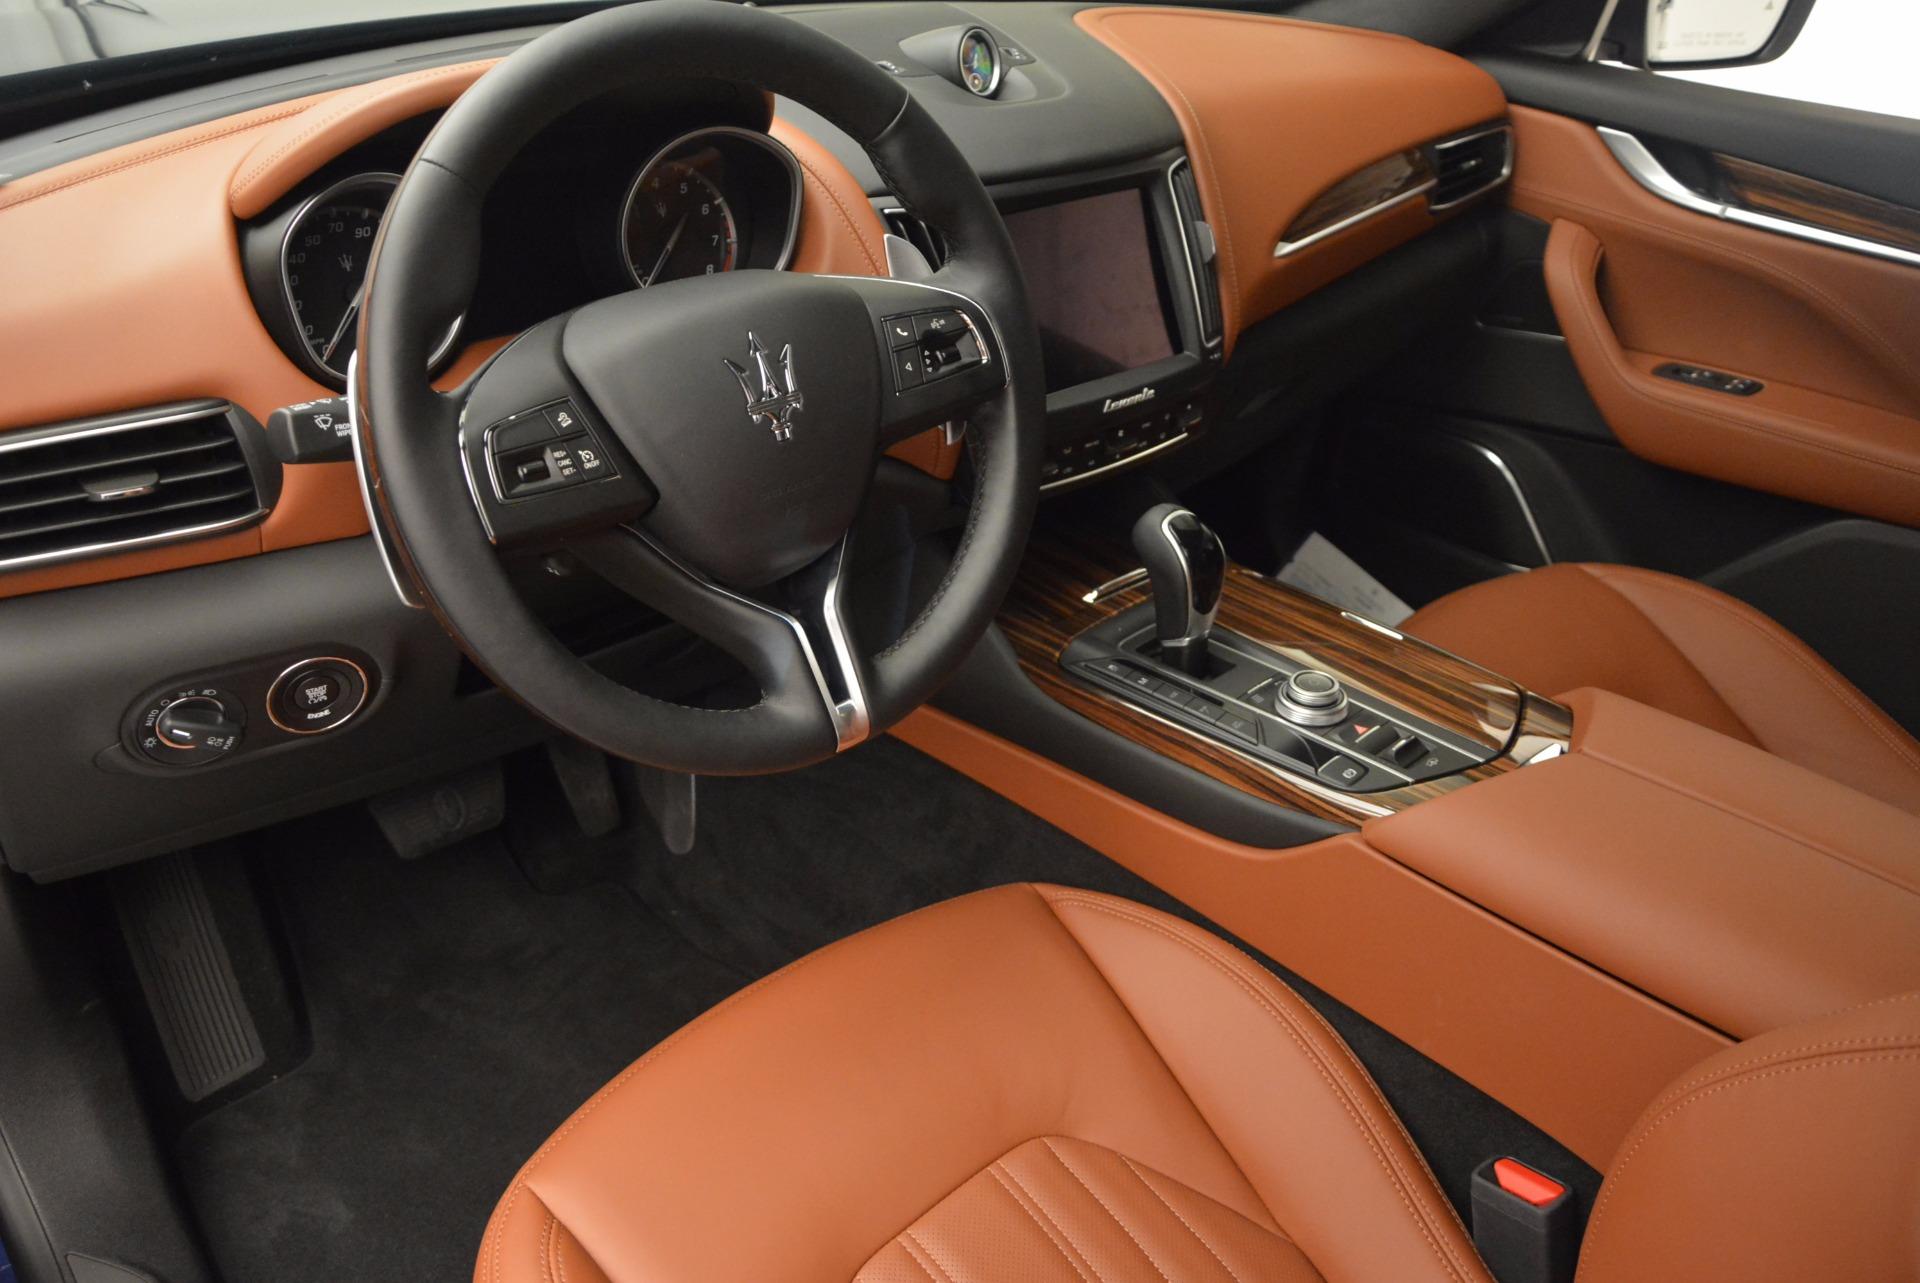 Used 2017 Maserati Levante S For Sale In Greenwich, CT 752_p19